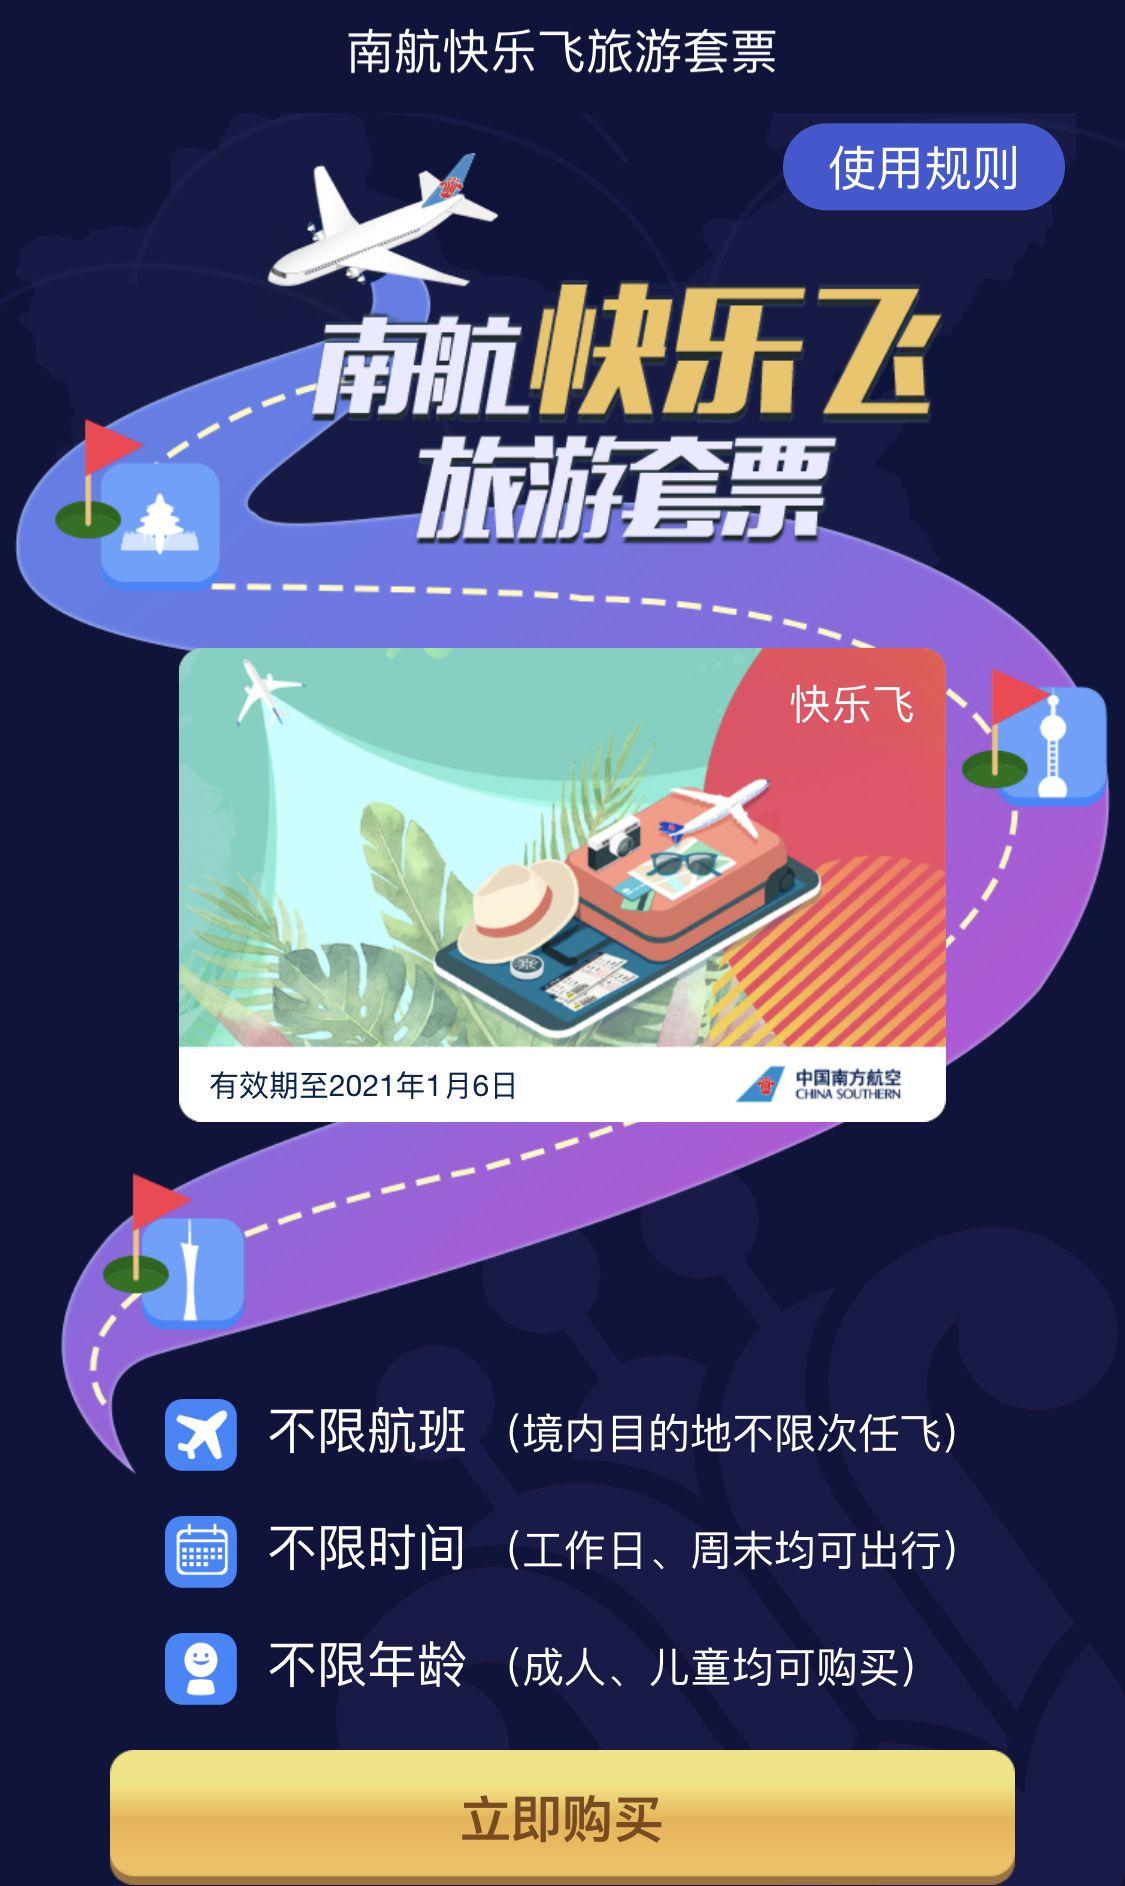 """南航上线3699元""""快乐飞""""套票,不限航班、时间全国飞图片"""